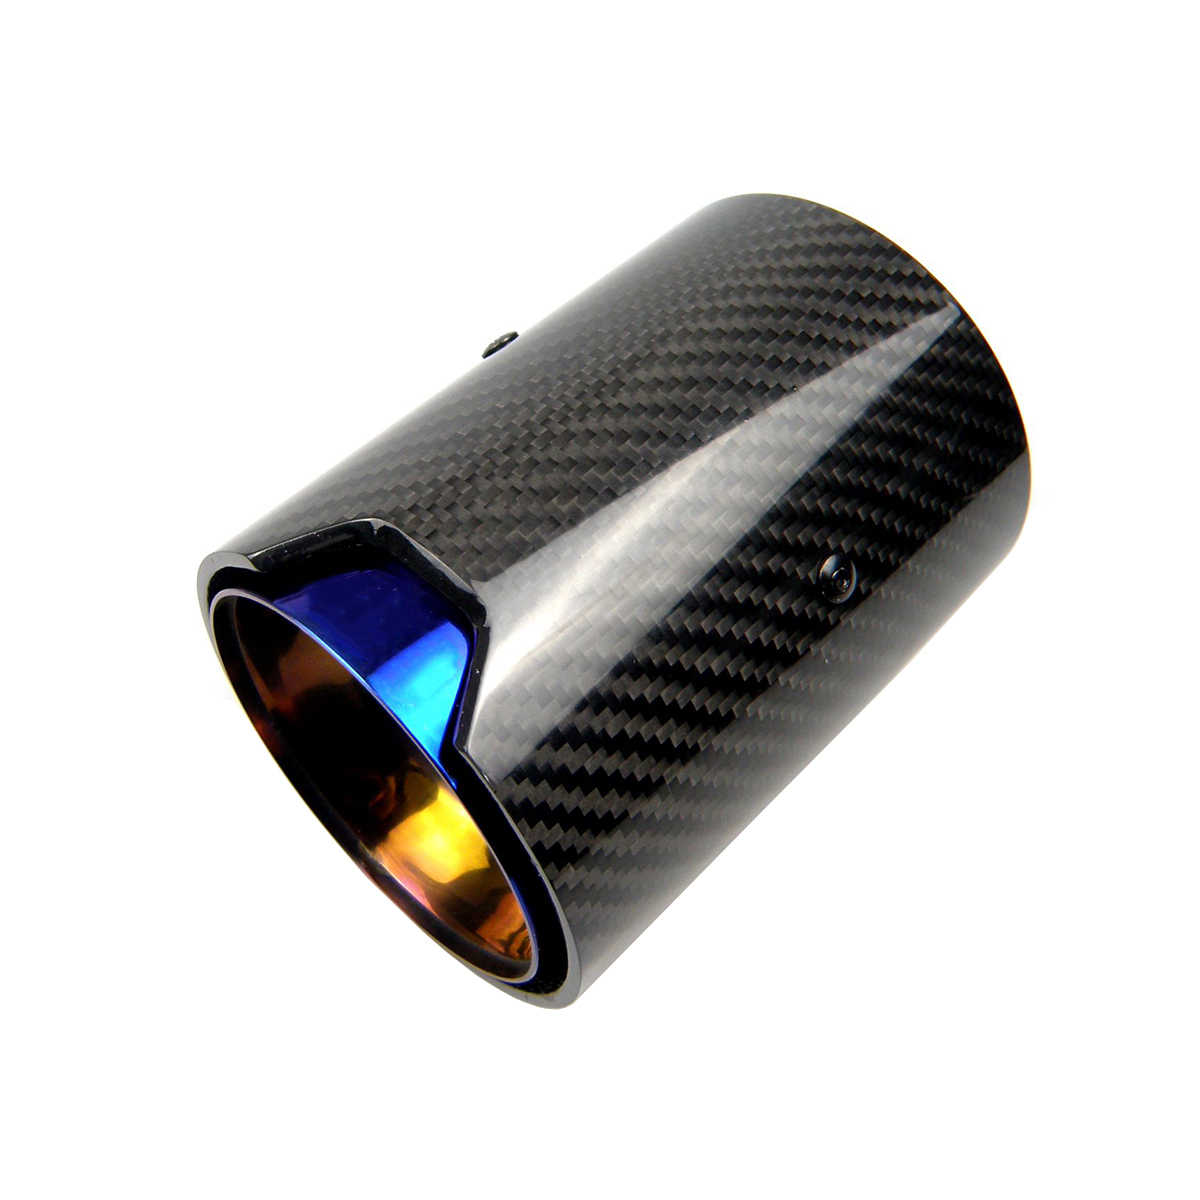 New Model M Performance Carbon fiber Exhaust Tip 4 BMW F87 M2 F80 M3 F82 F83 M4